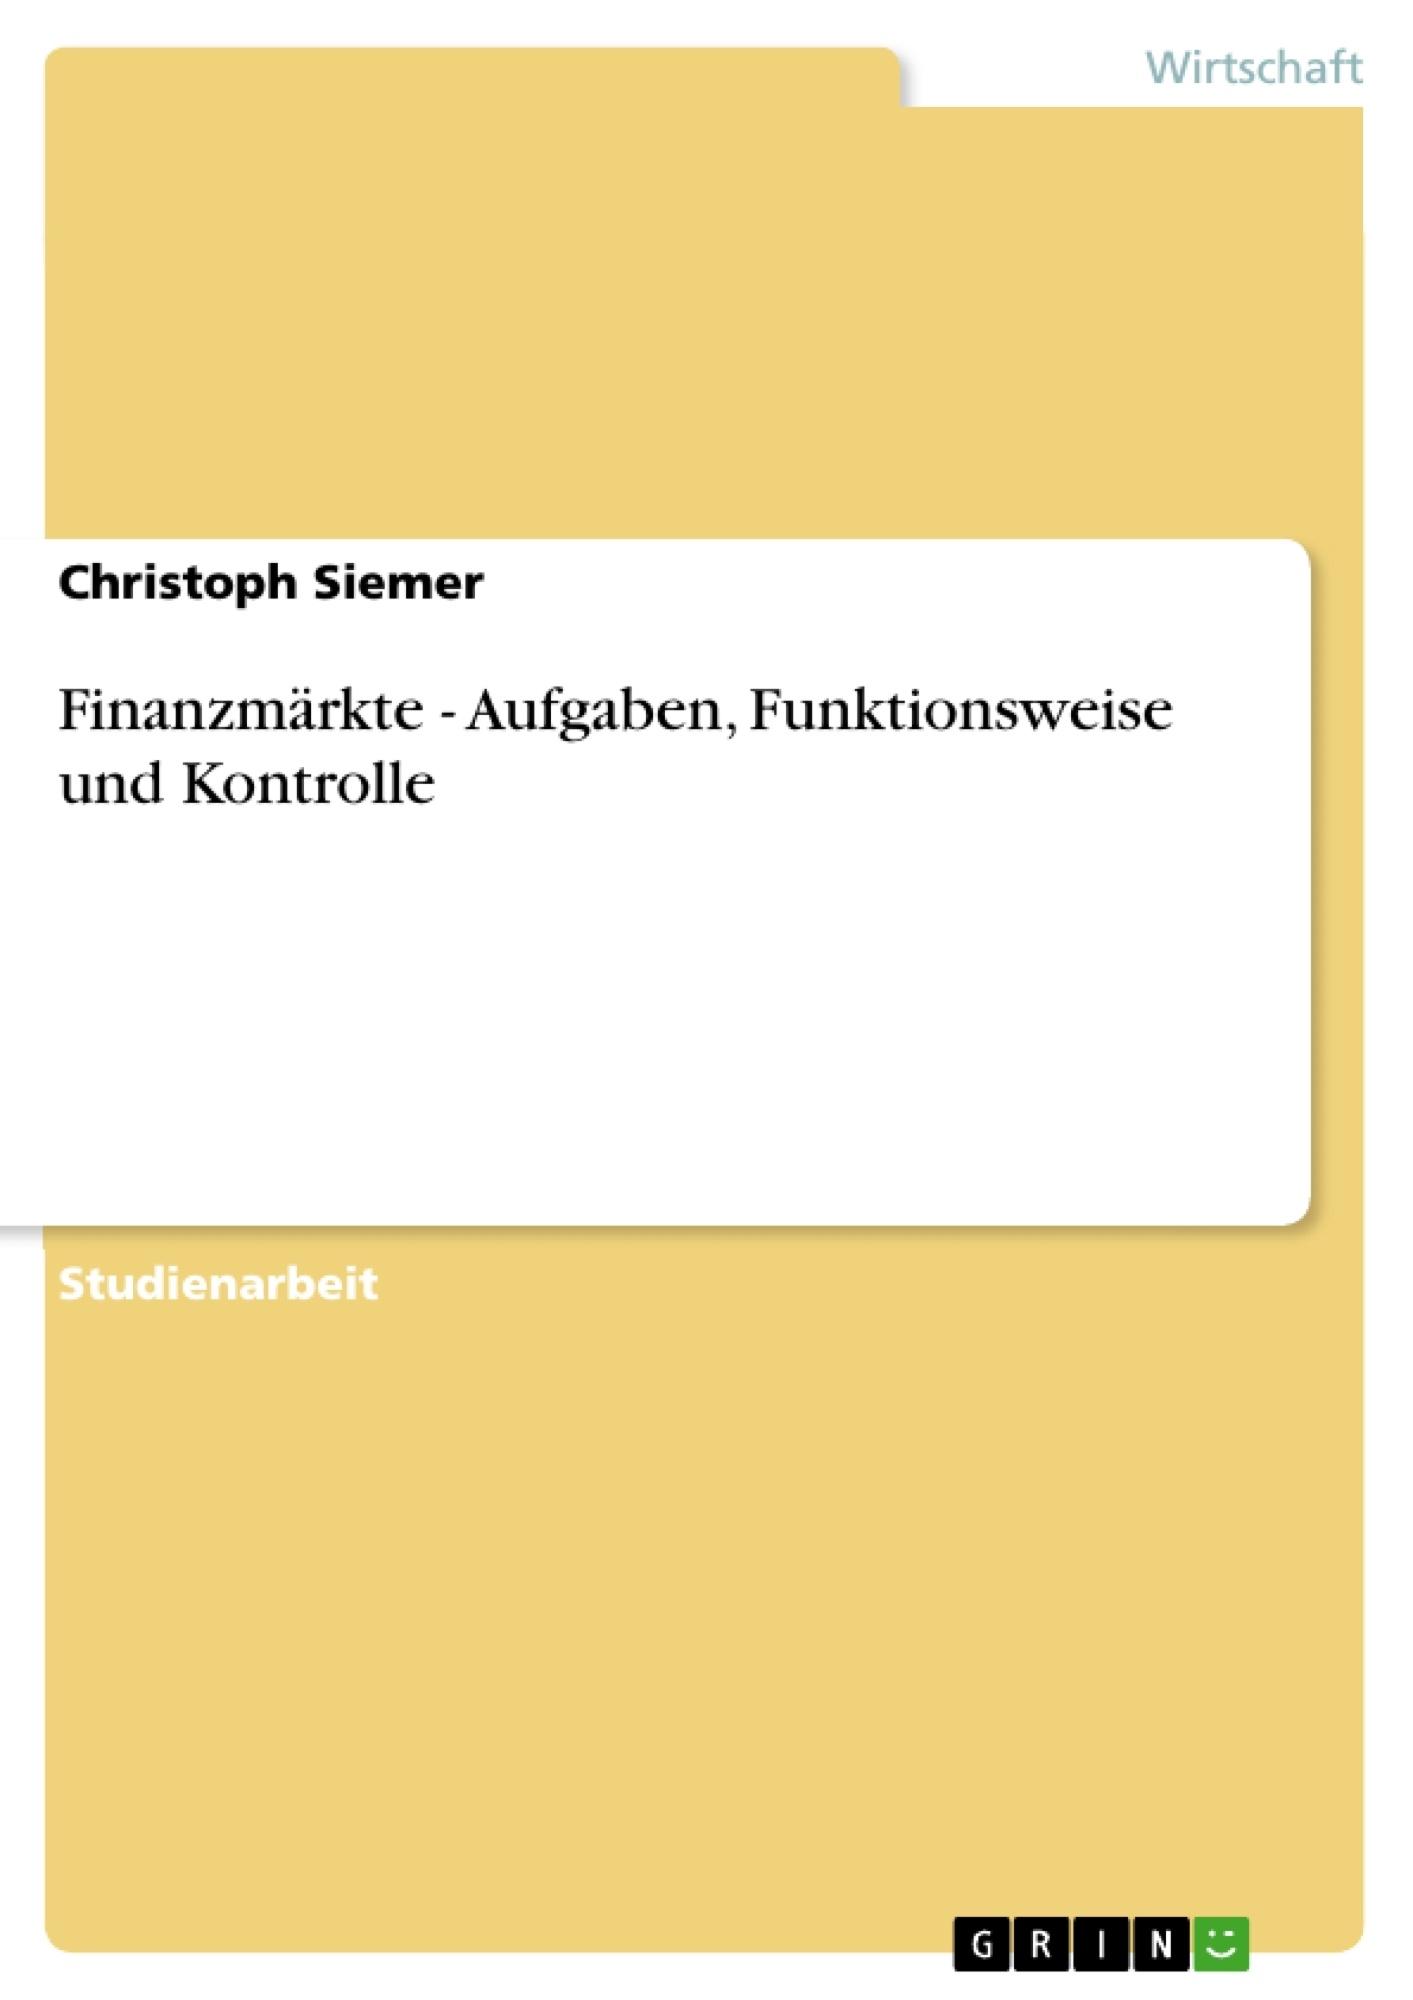 Titel: Finanzmärkte - Aufgaben, Funktionsweise und Kontrolle